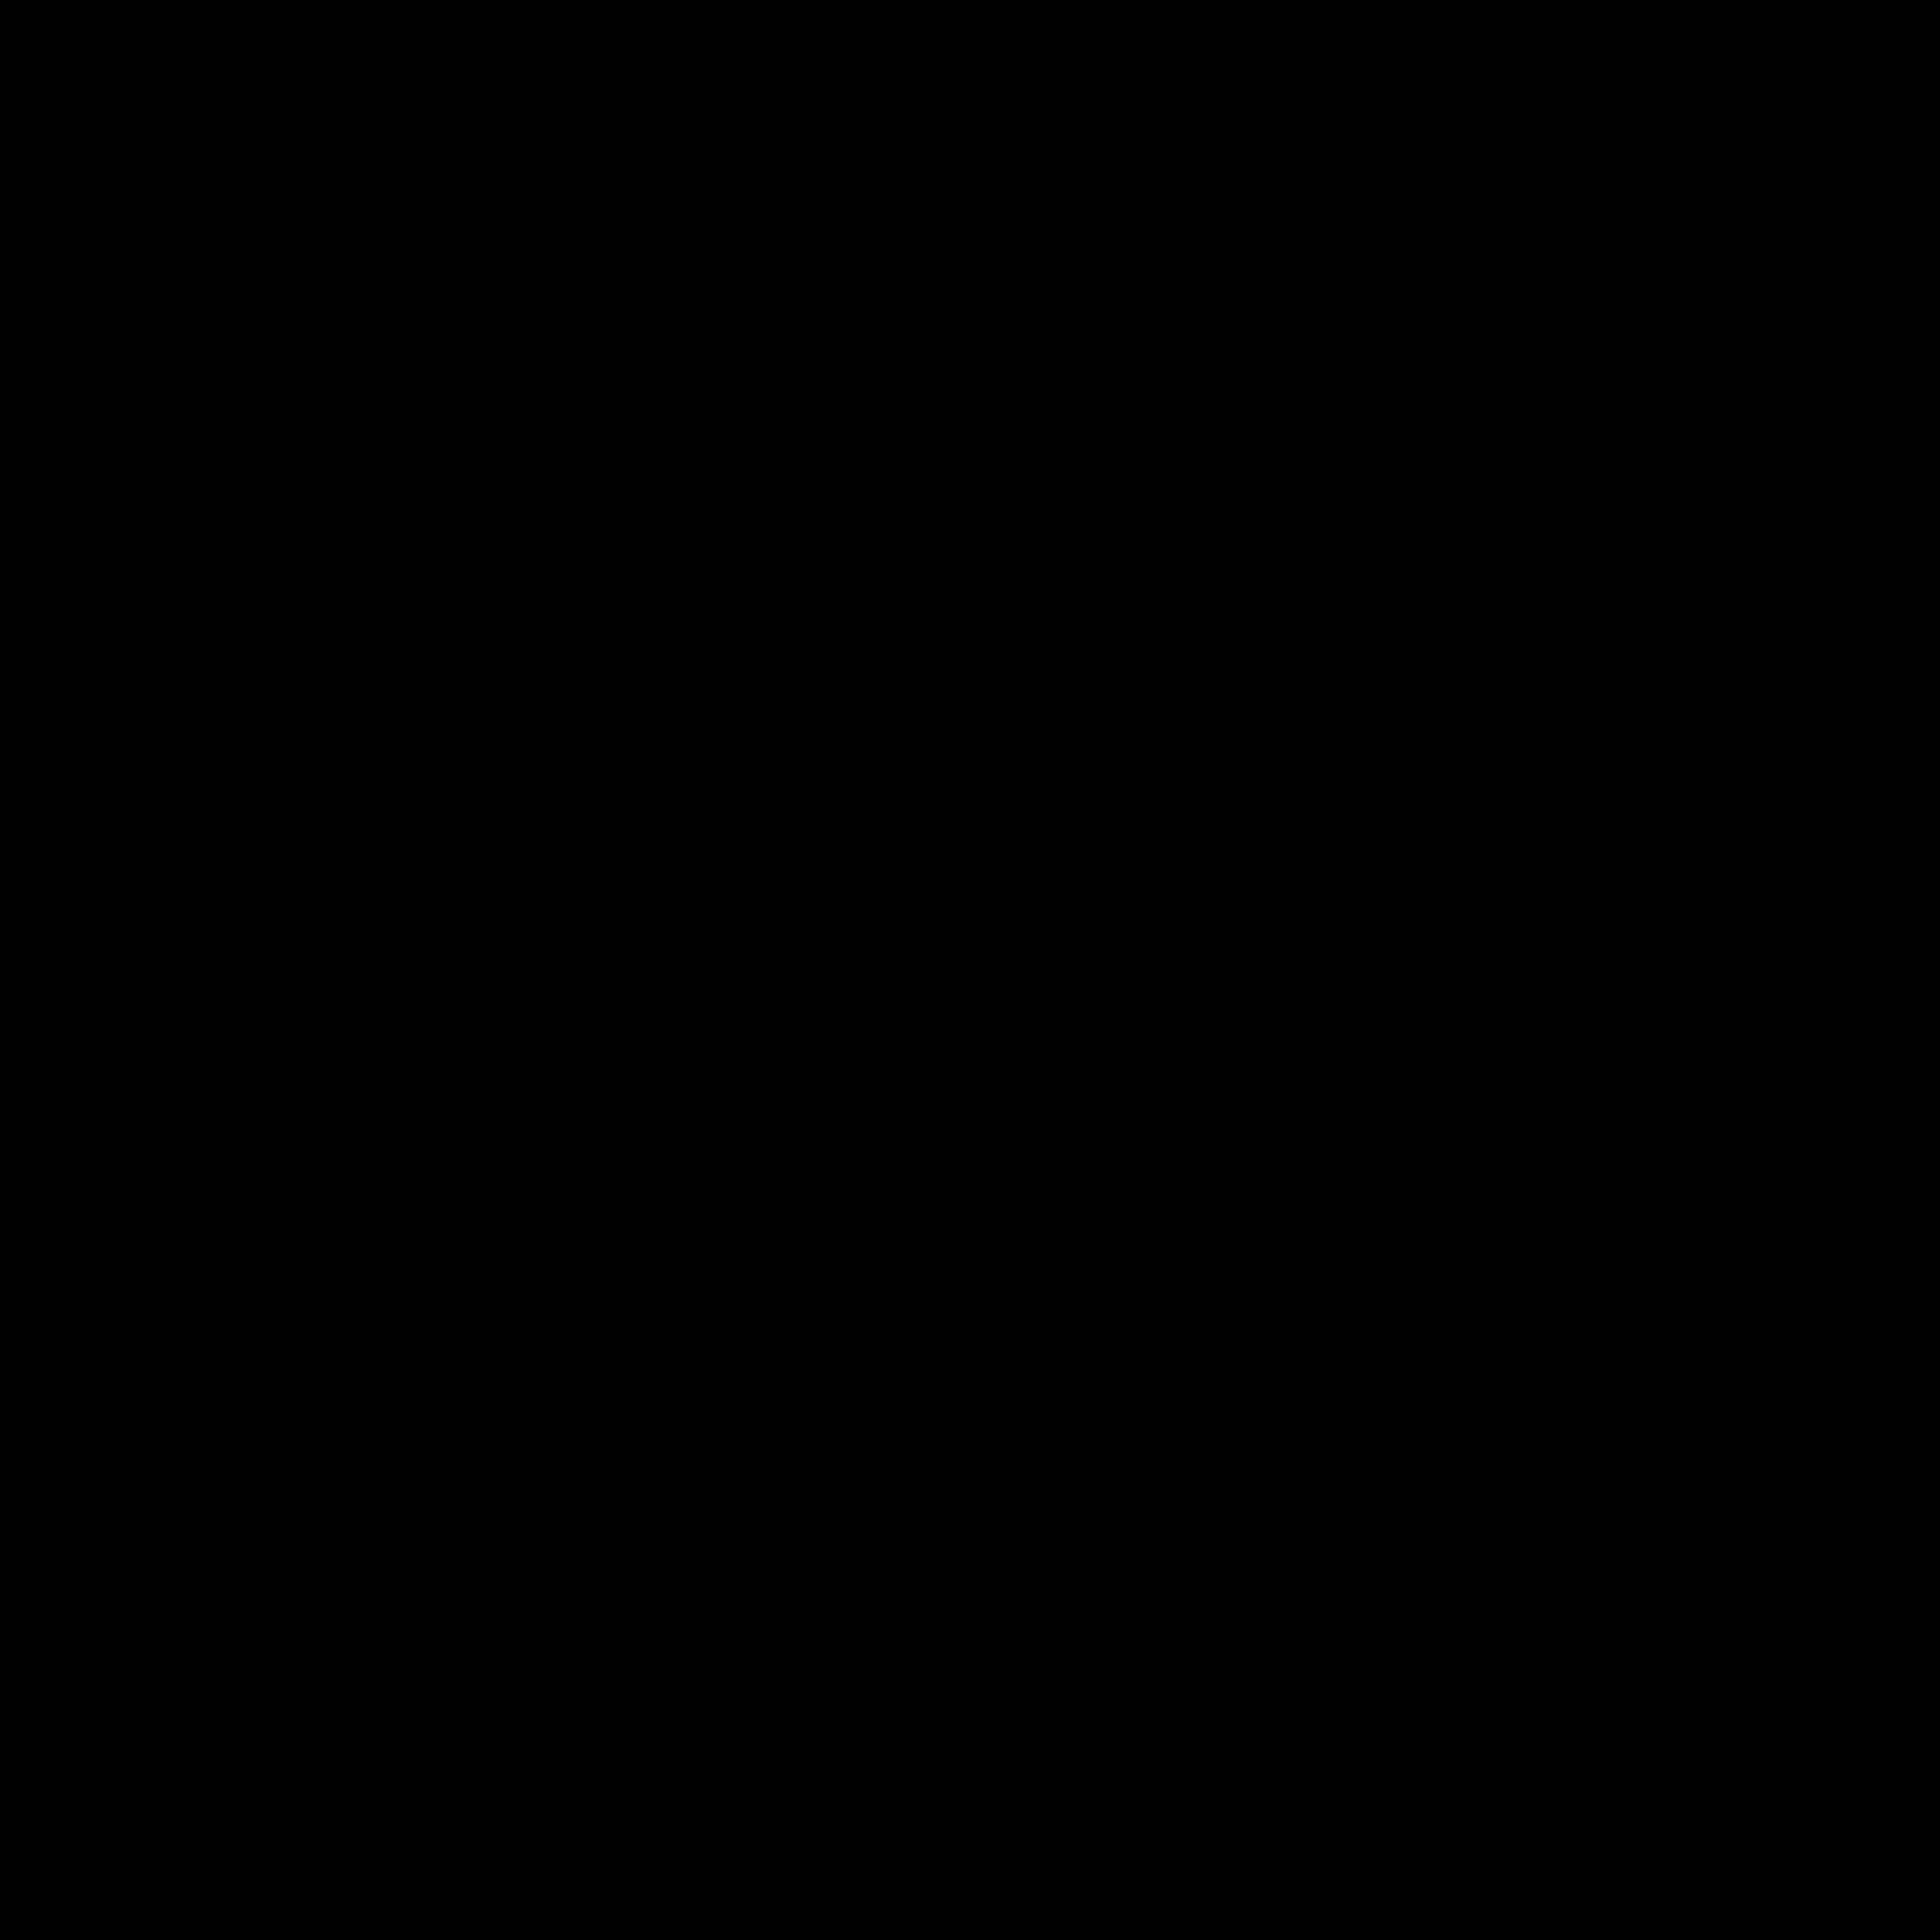 Pin By M Zolfaghari On Cricut All Camera Logo Camera Logos Design Photography Logo Design